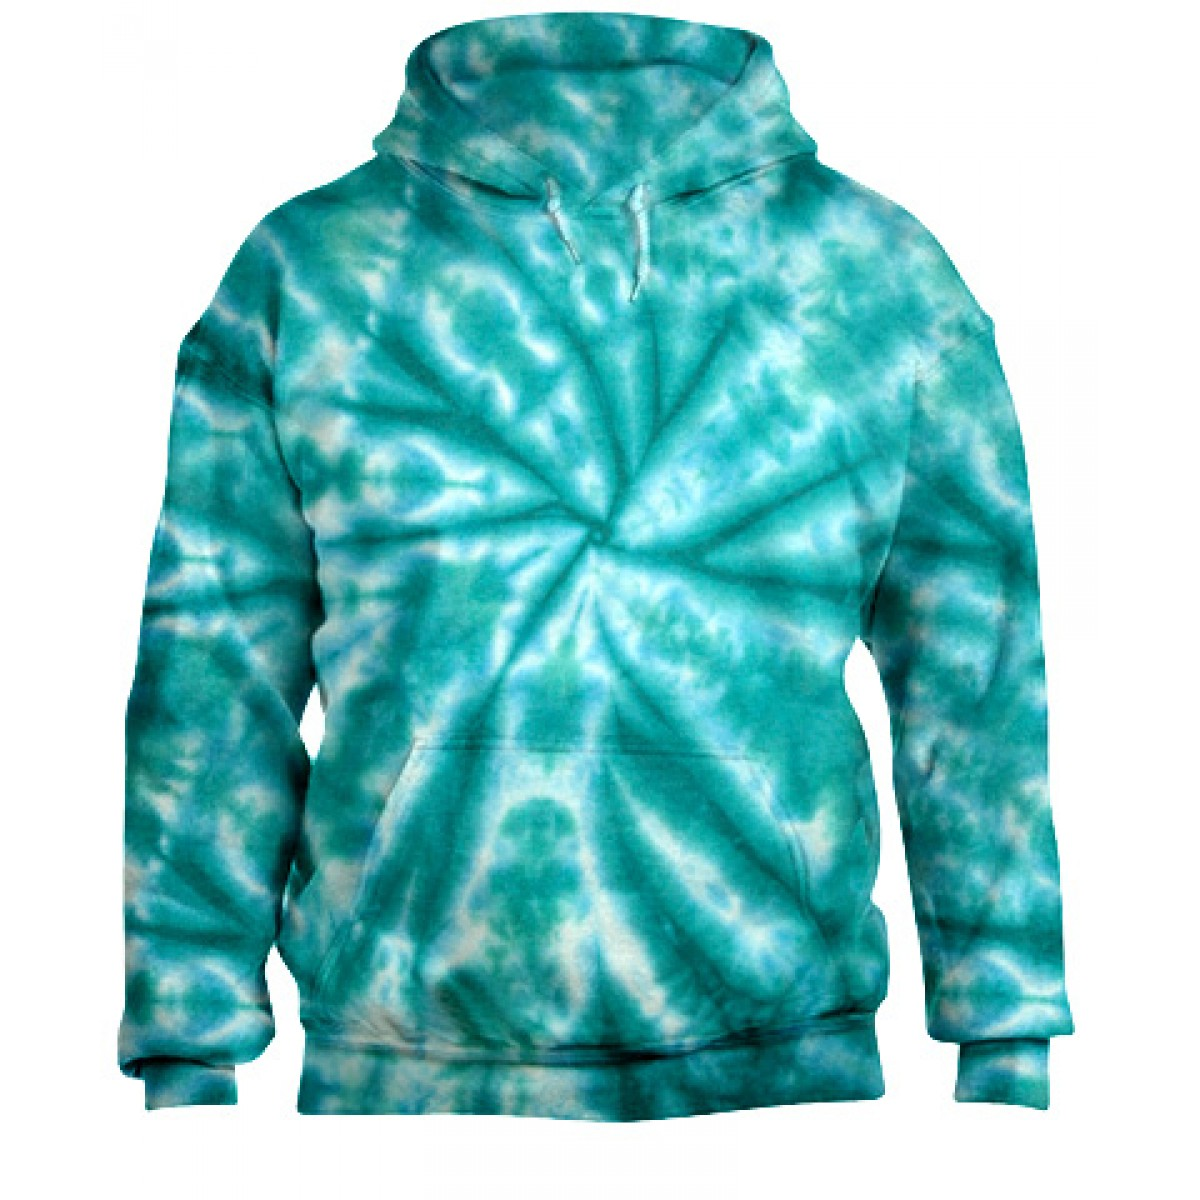 Tie-Dye Pullover Hooded Sweatshirt-Jade-YM